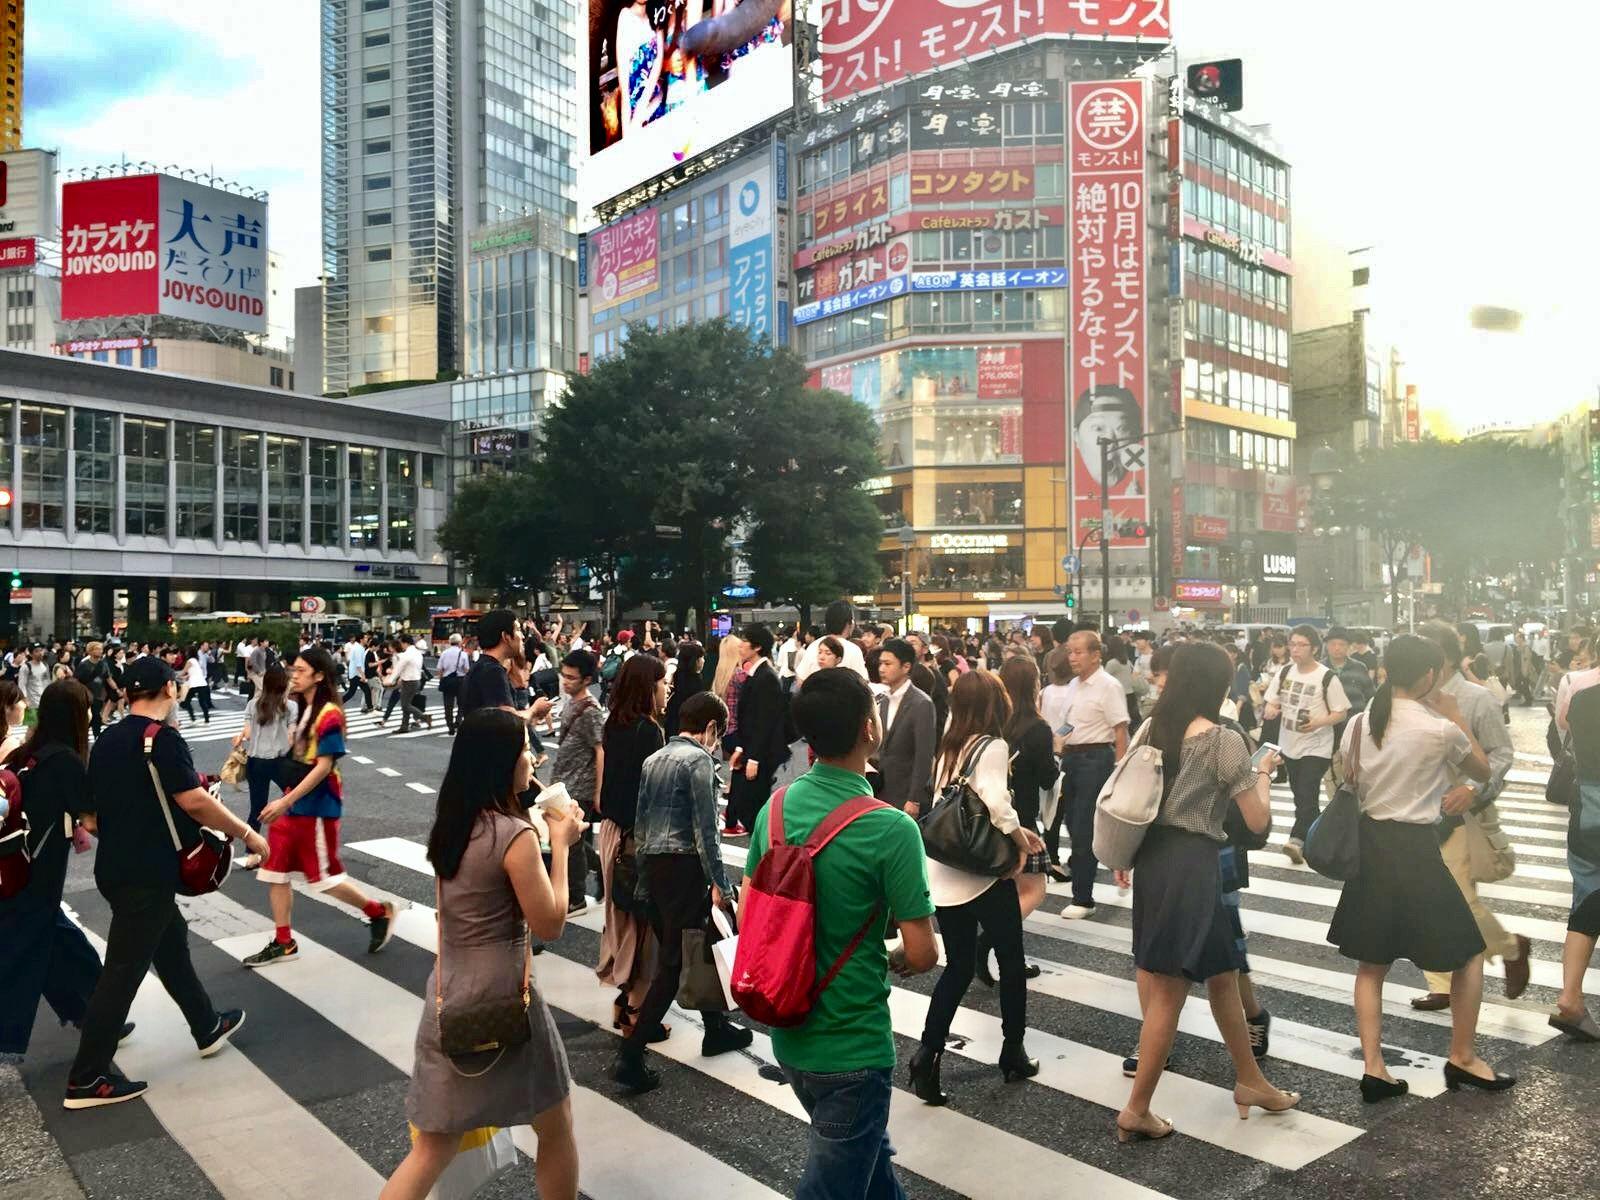 japonia tokio tokyo shibuya crossin skrzyżowanie